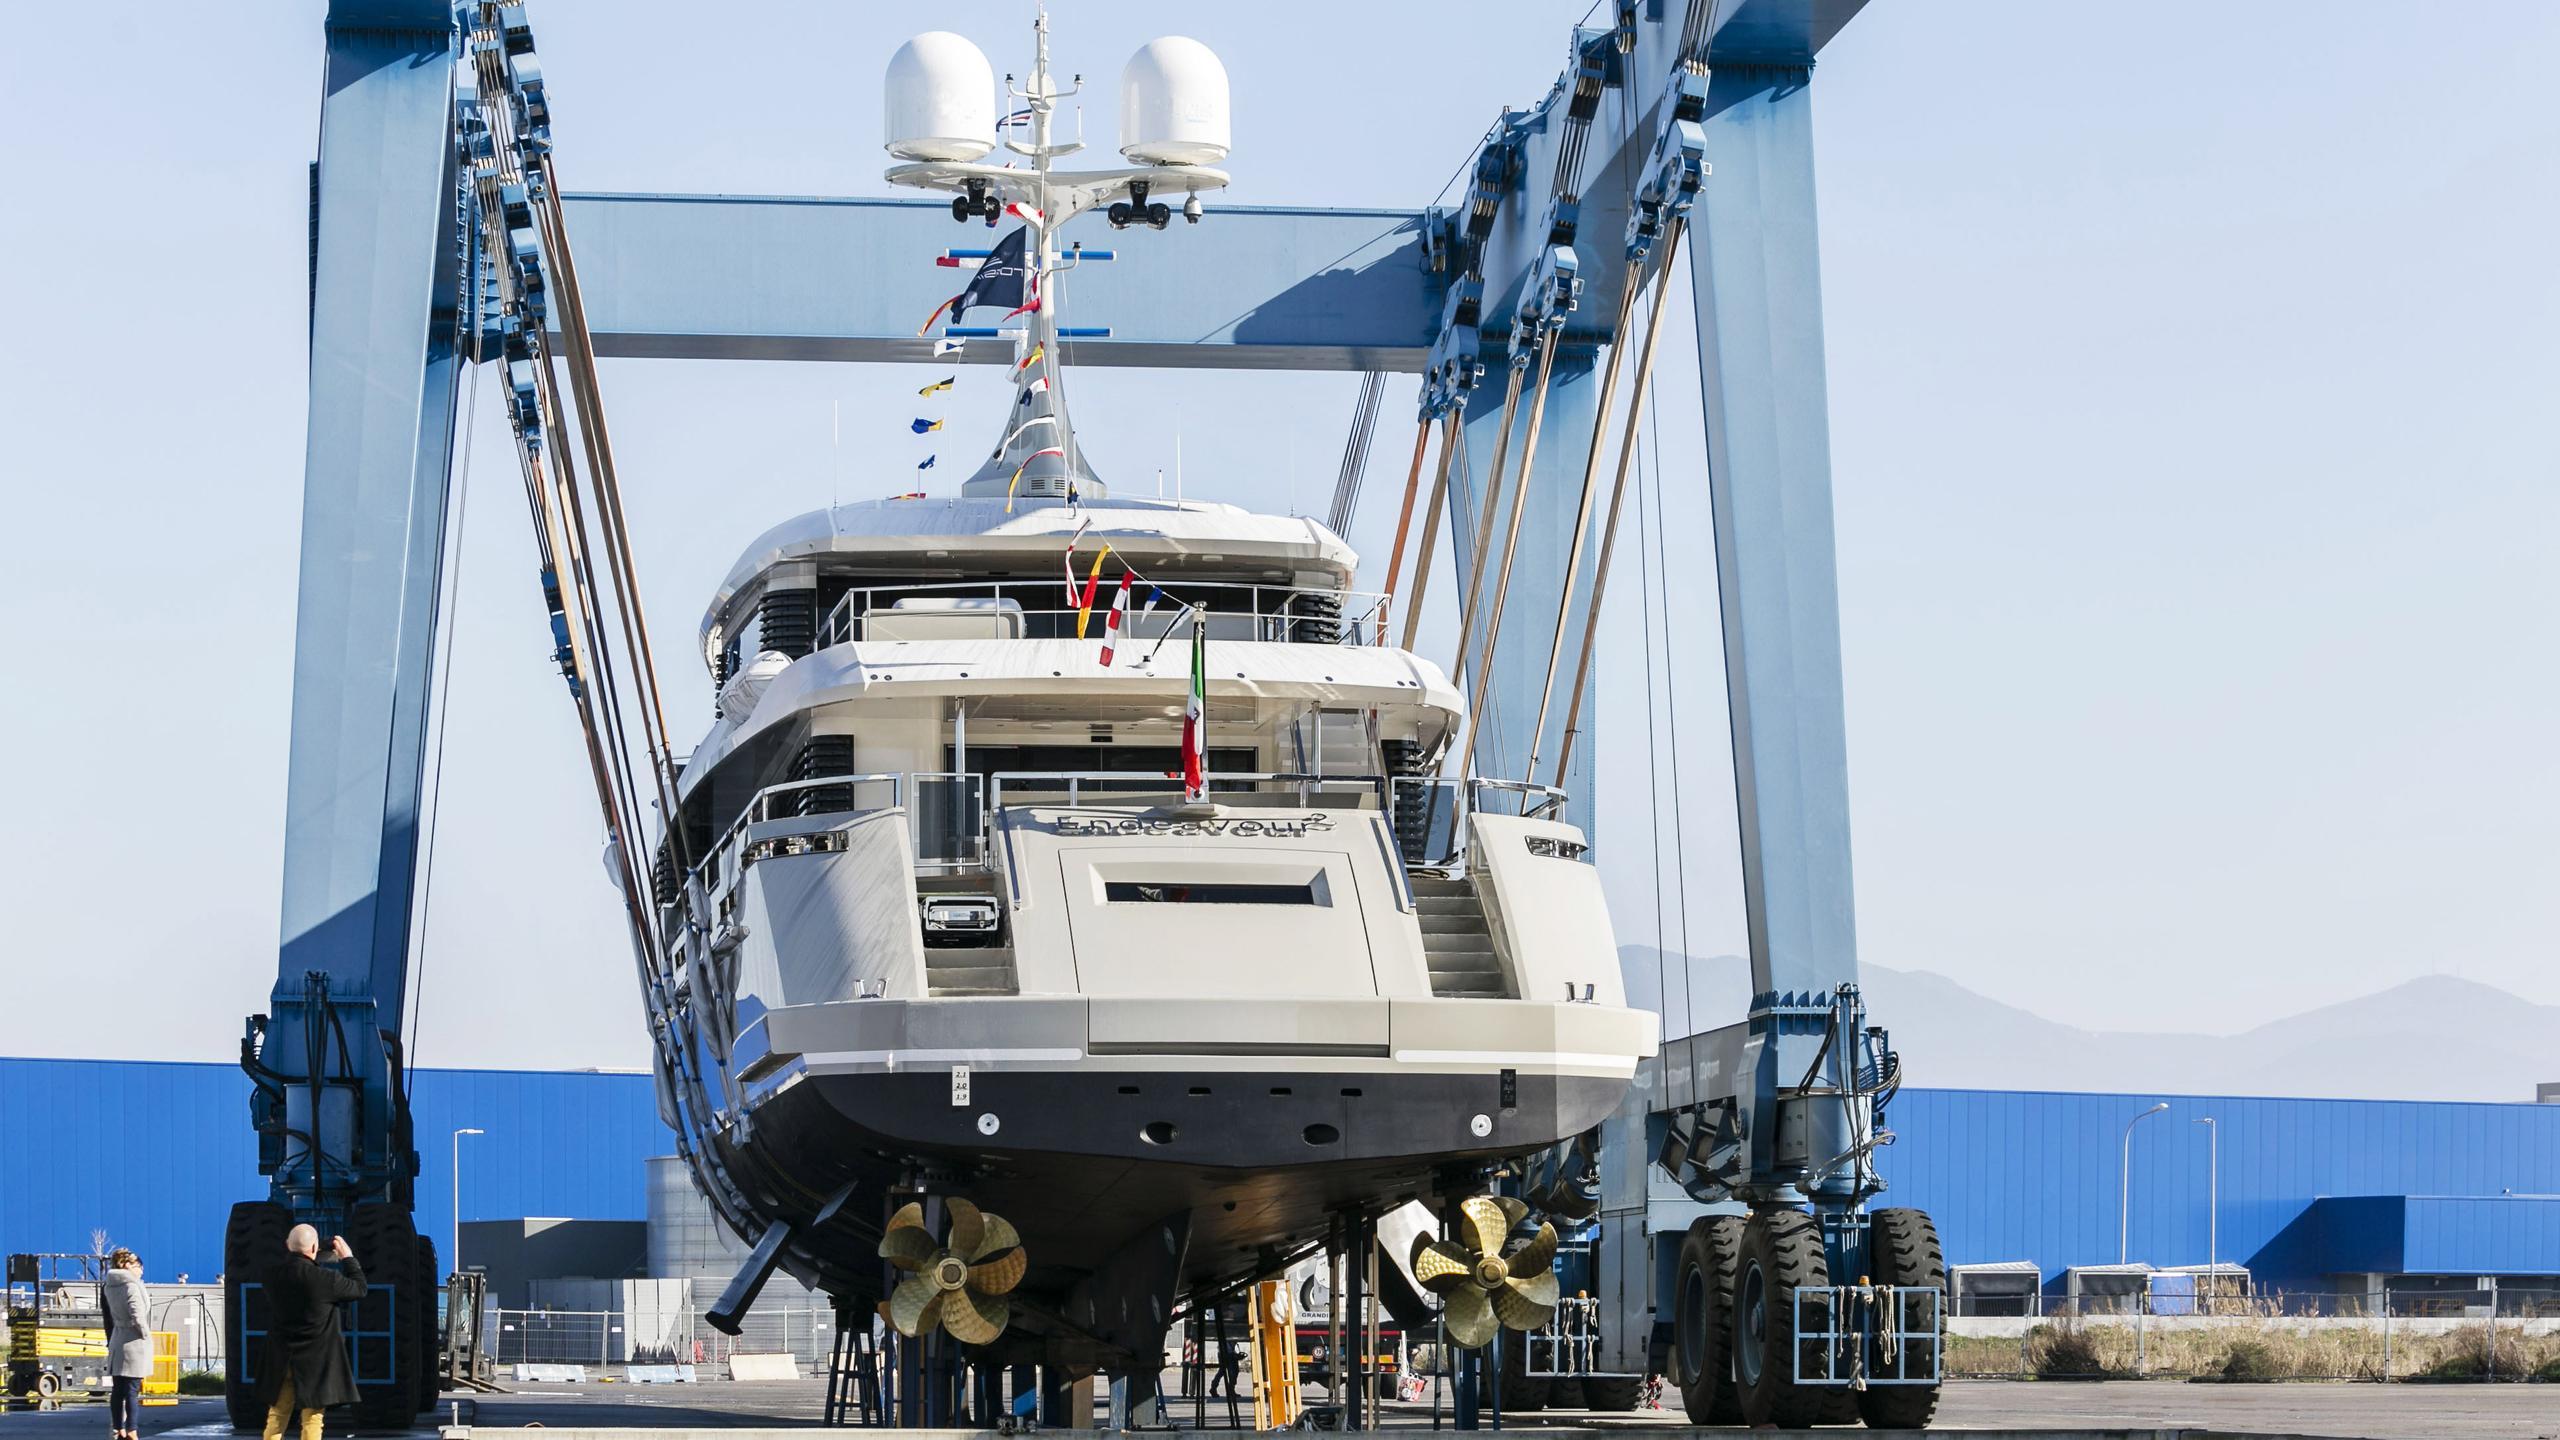 endeavour ii motoryacht rossinavi 50m 2017 stern launch